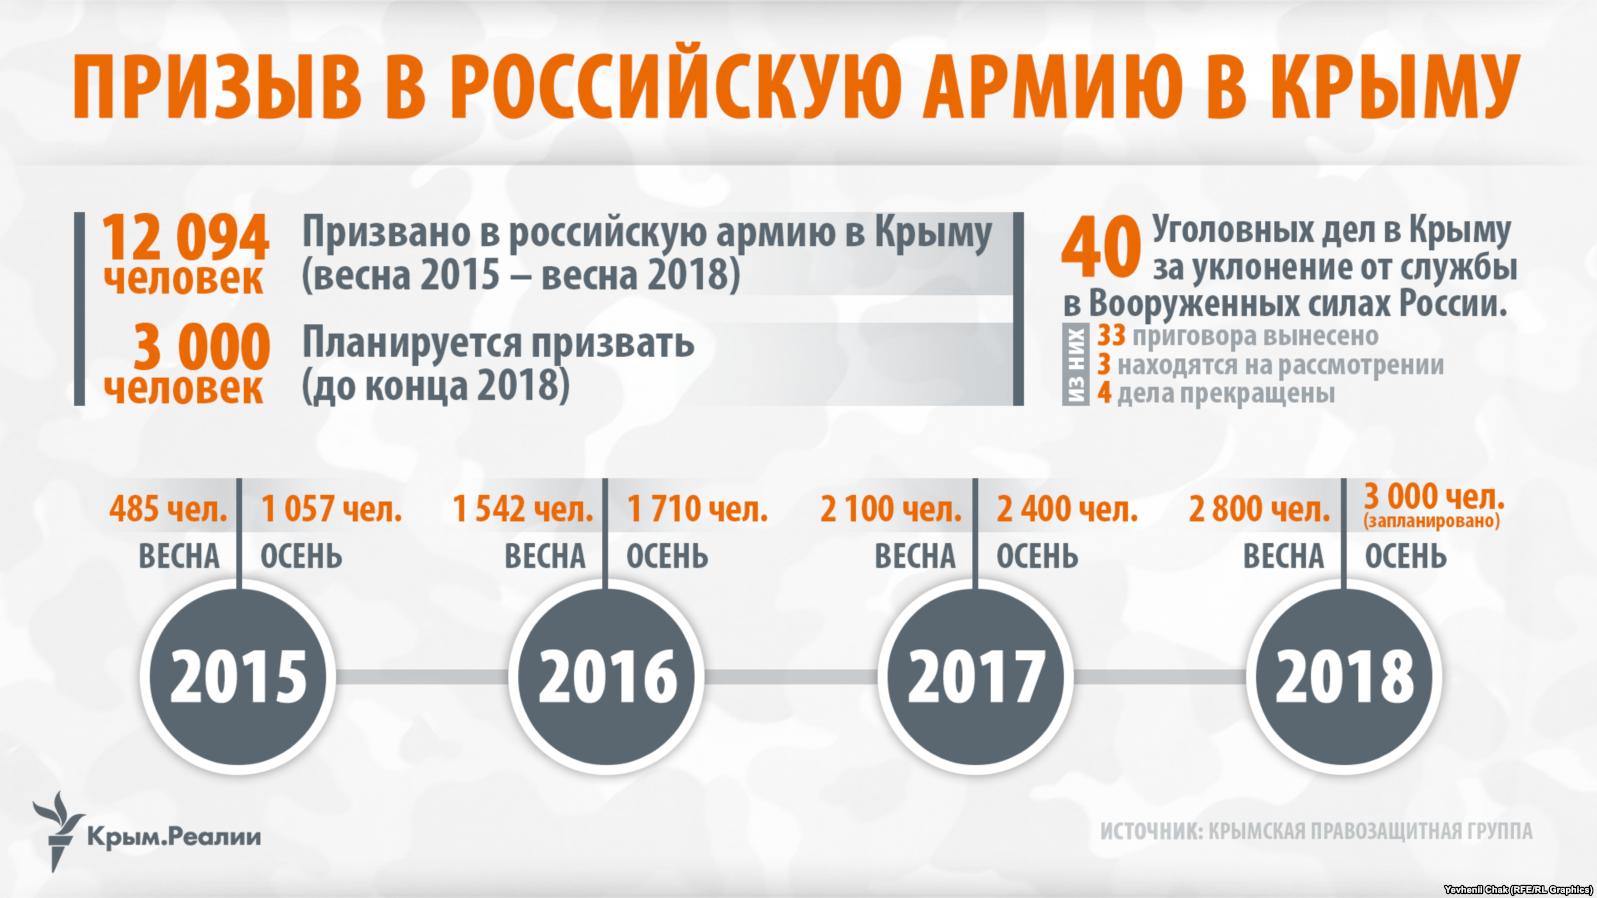 Сбор доказательств незаконного принуждения крымчан к службе в российской армии продолжается